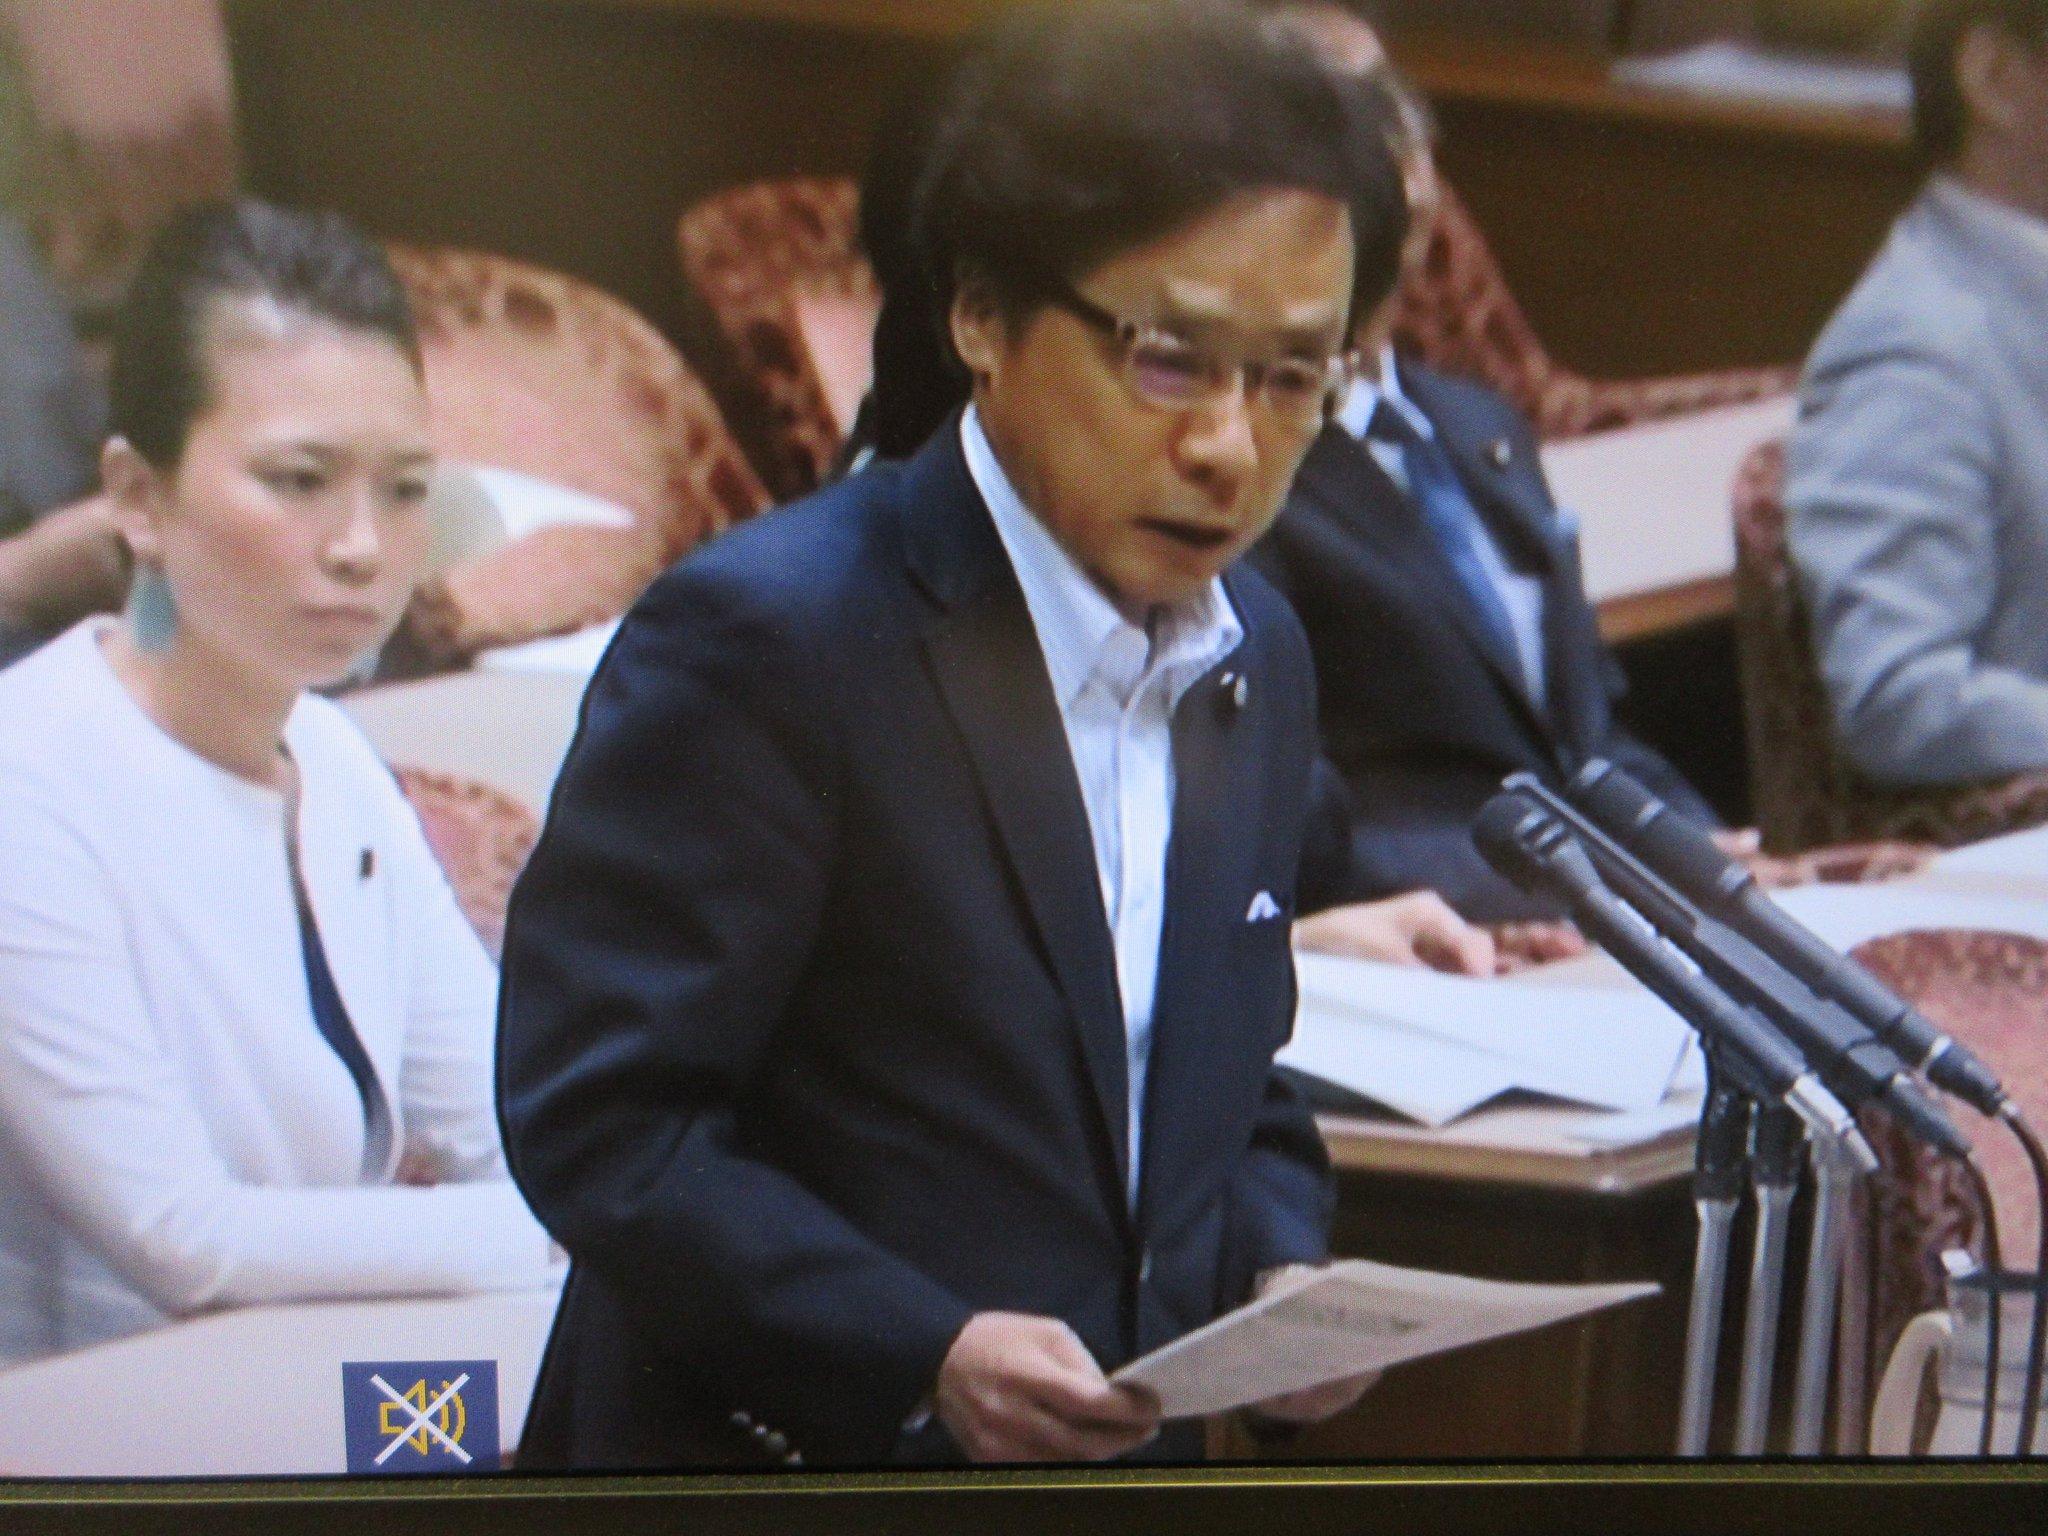 http://www.inoue-satoshi.com/diary/%E5%9C%B0%E6%96%B9%E9%81%B8%E3%83%93%E3%83%A9.jpg